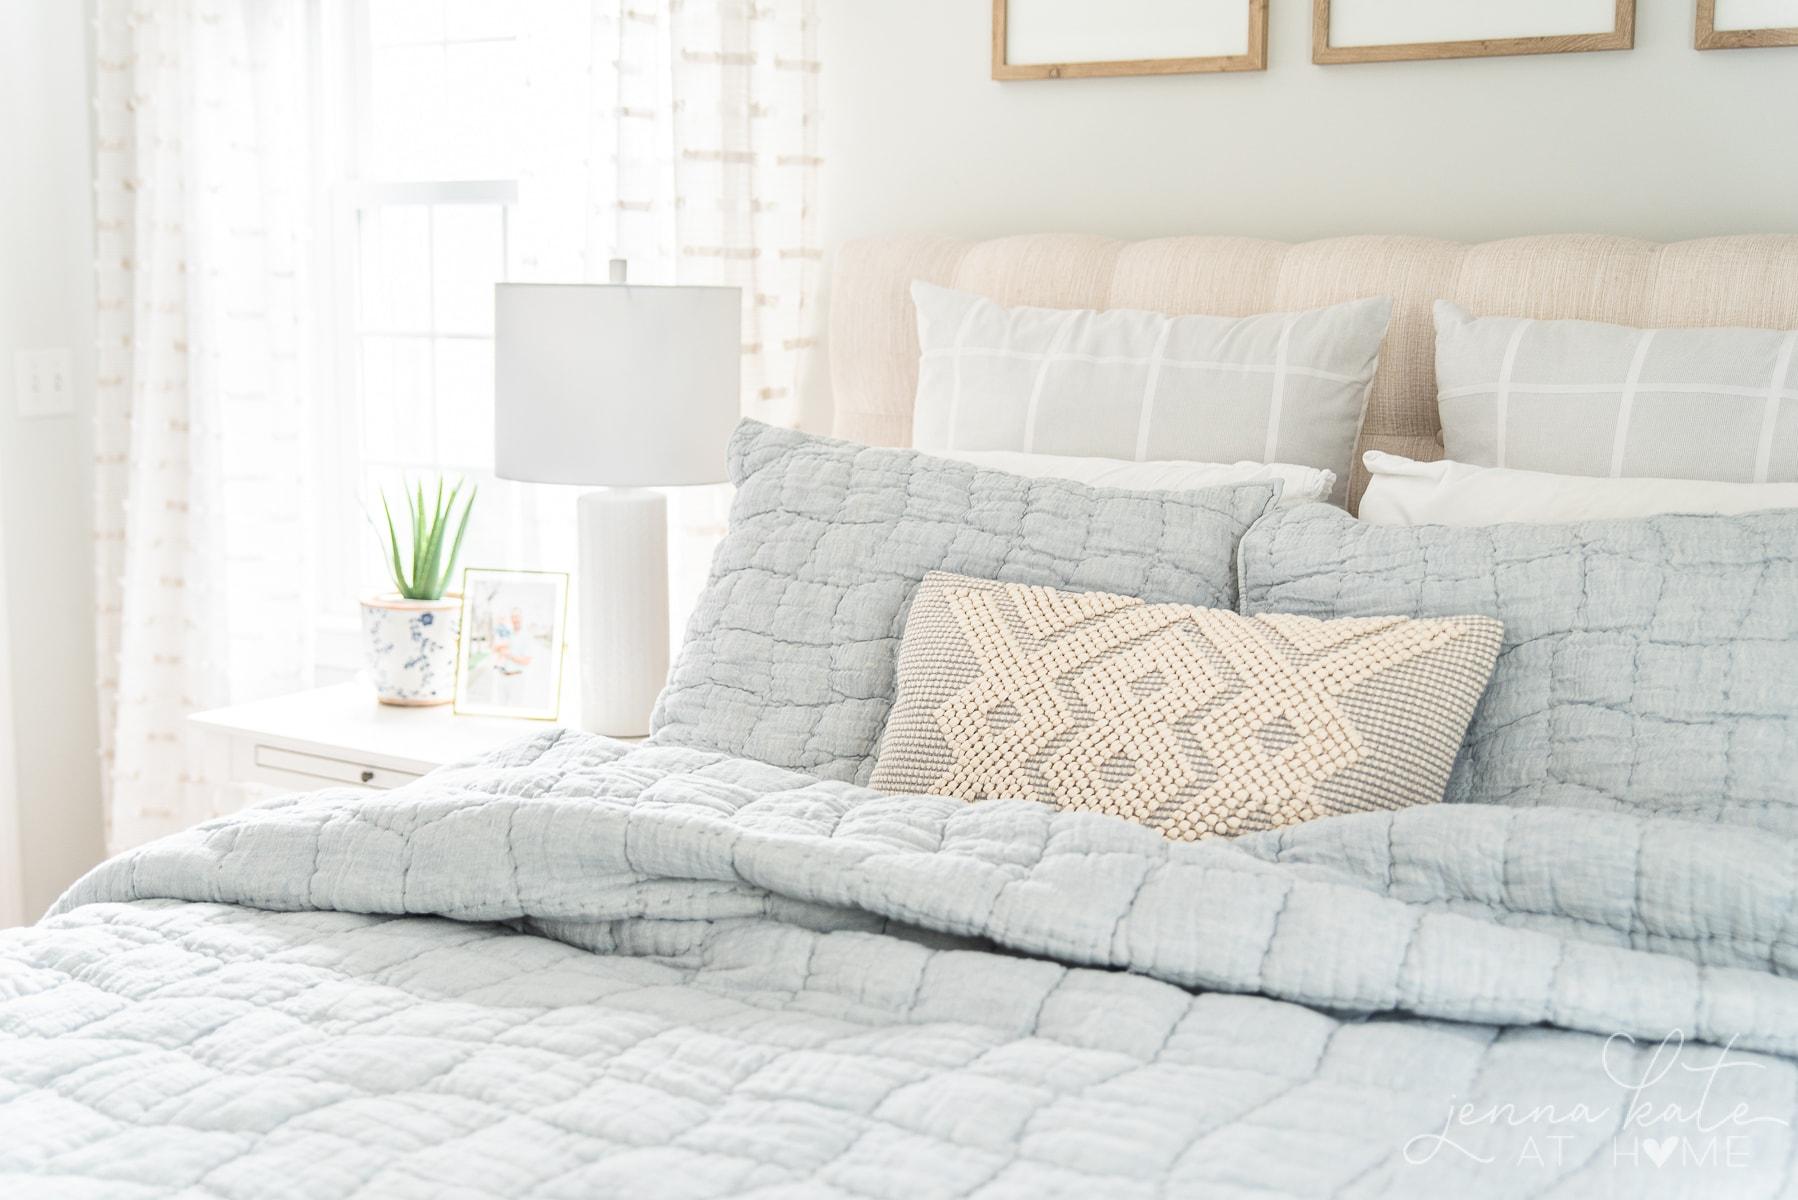 light linen bedding for summer